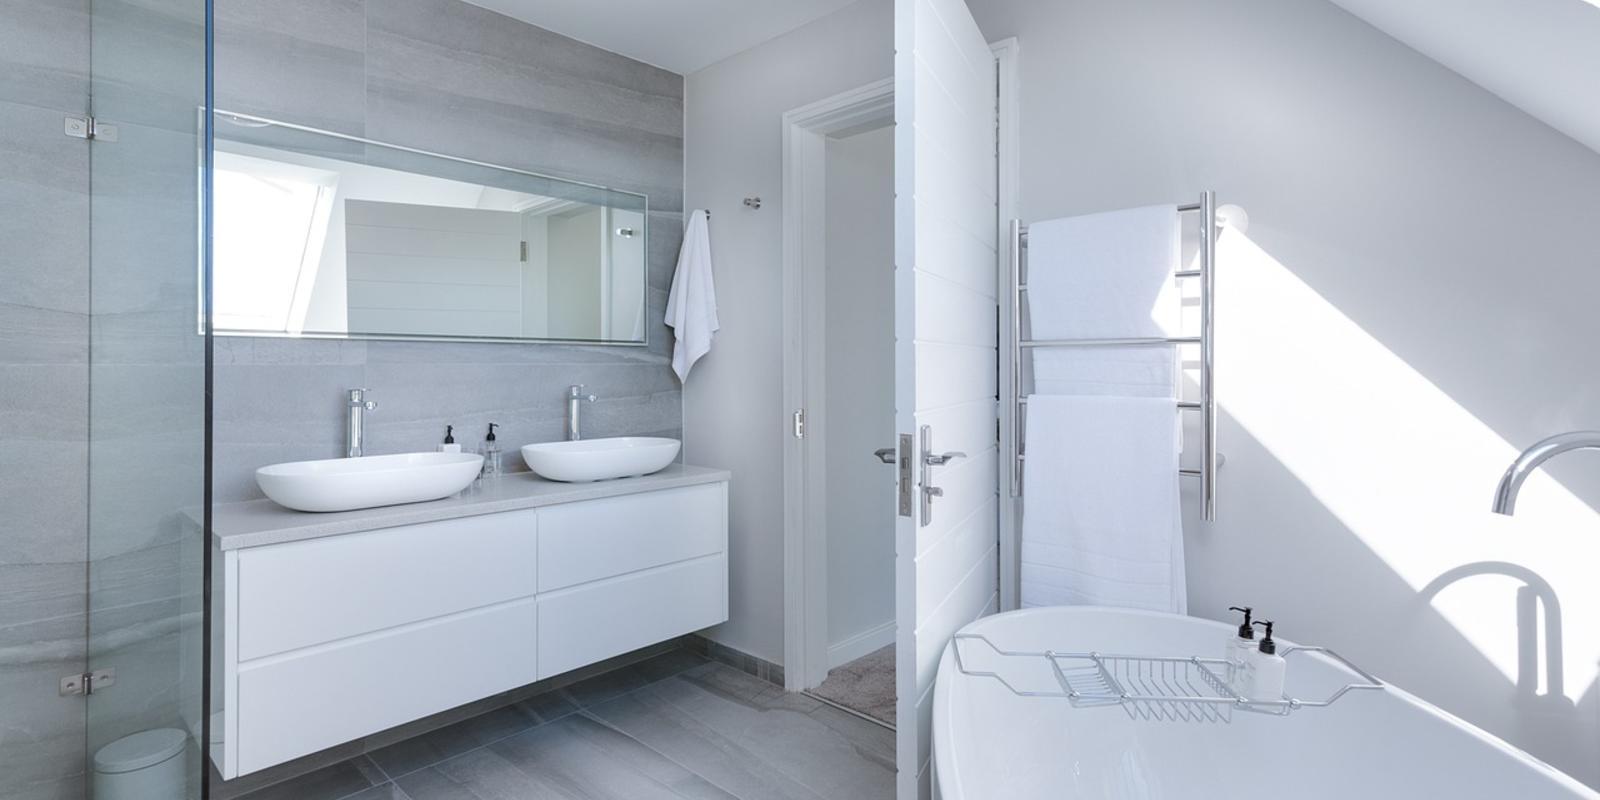 schitterende badkamer